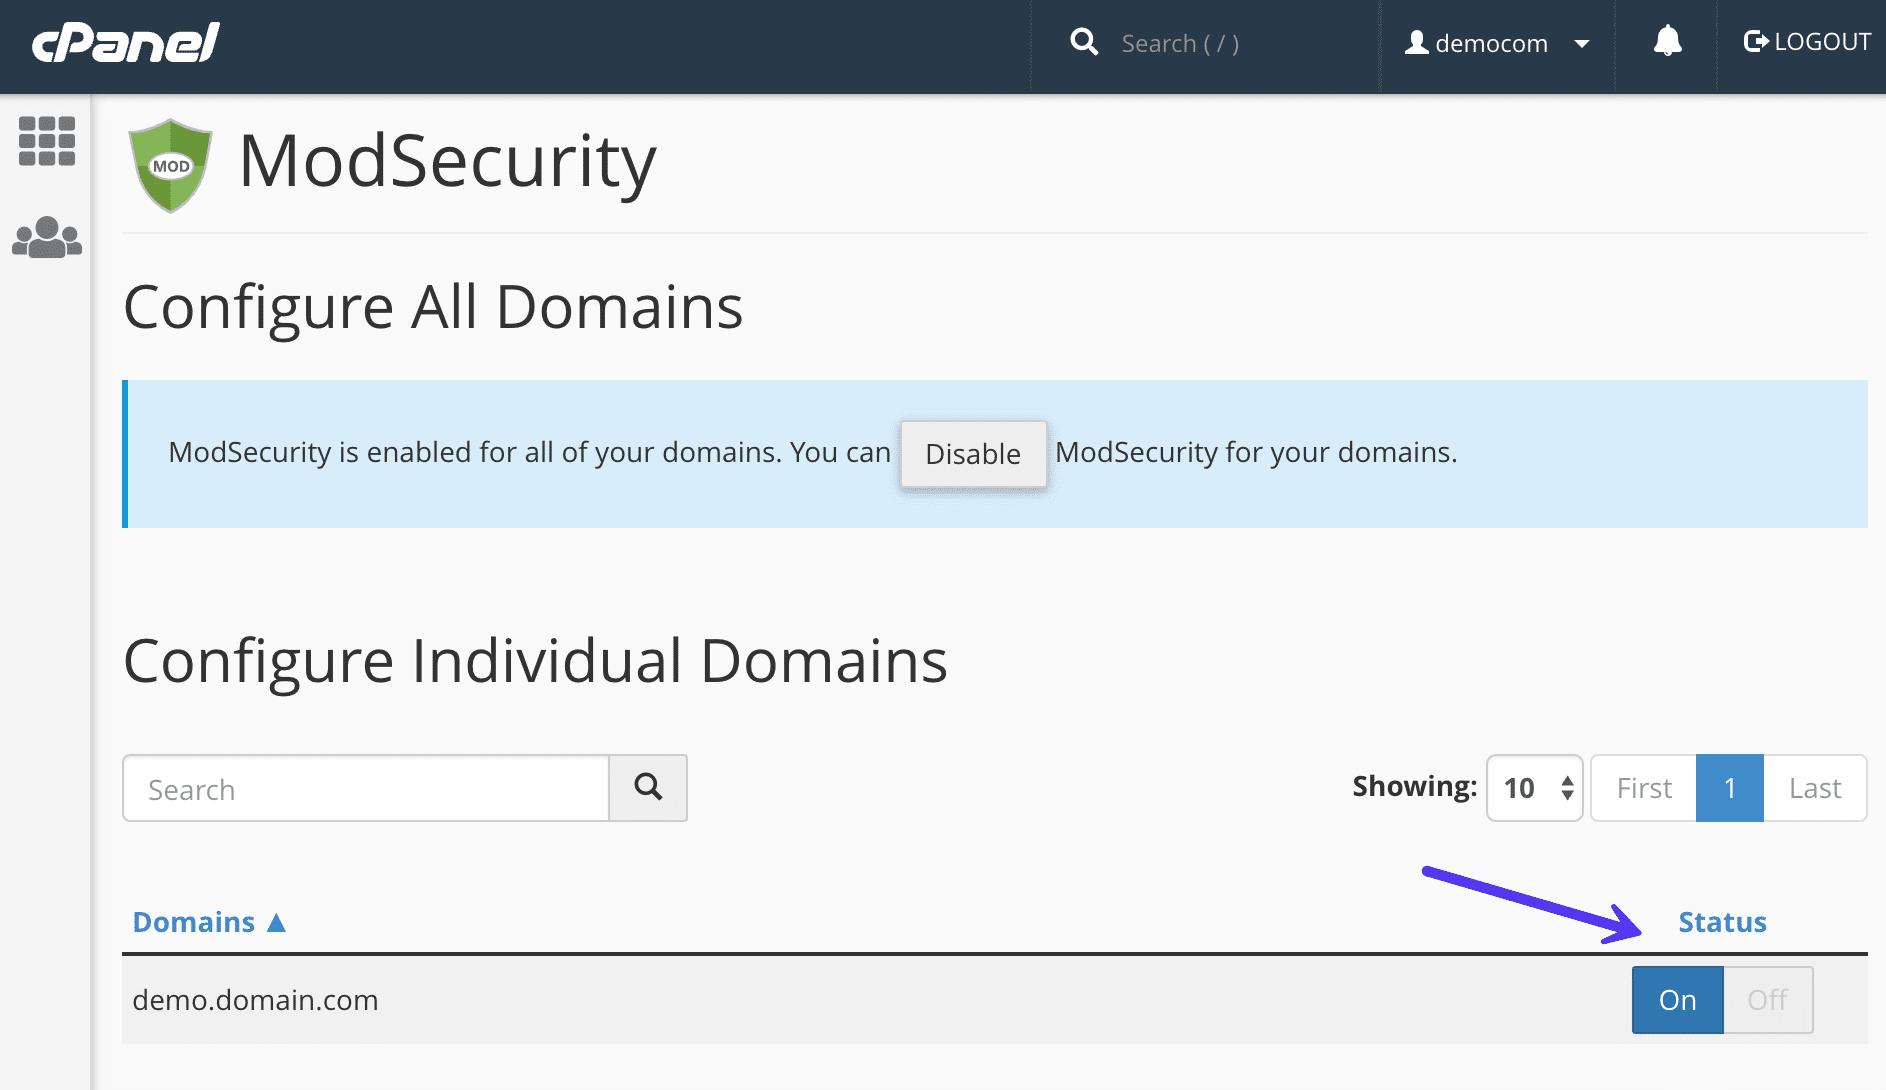 Disattivare mod_security